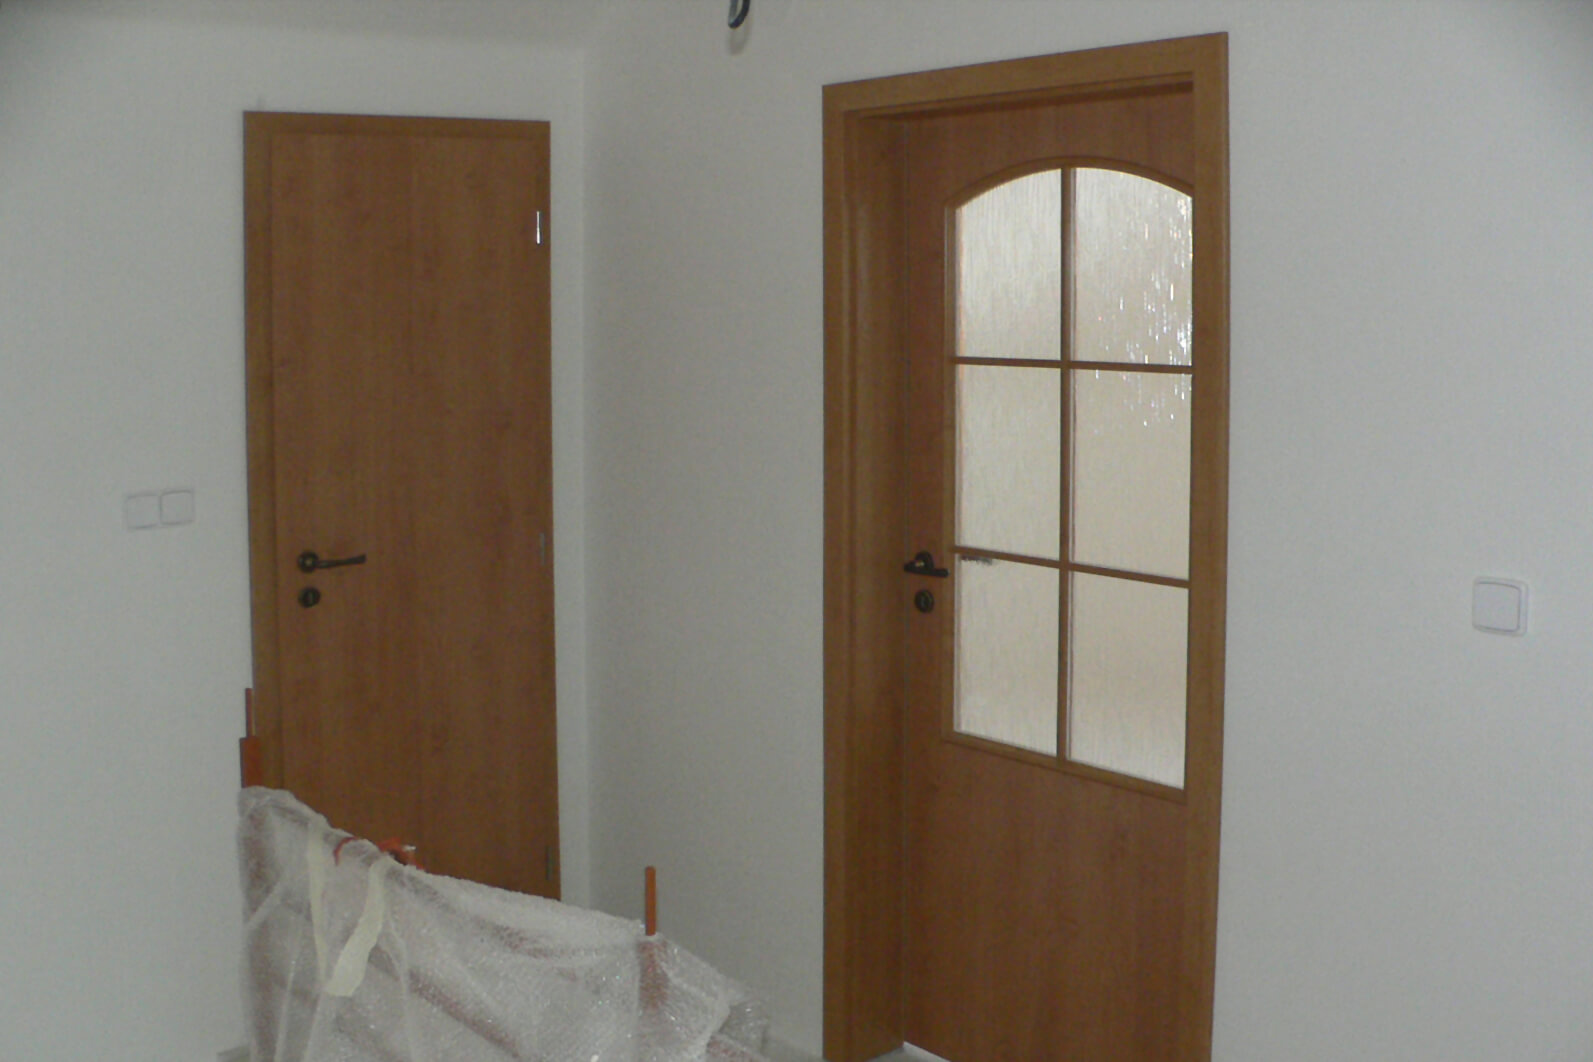 dveře kepák - reference  - hnědé dveře 4